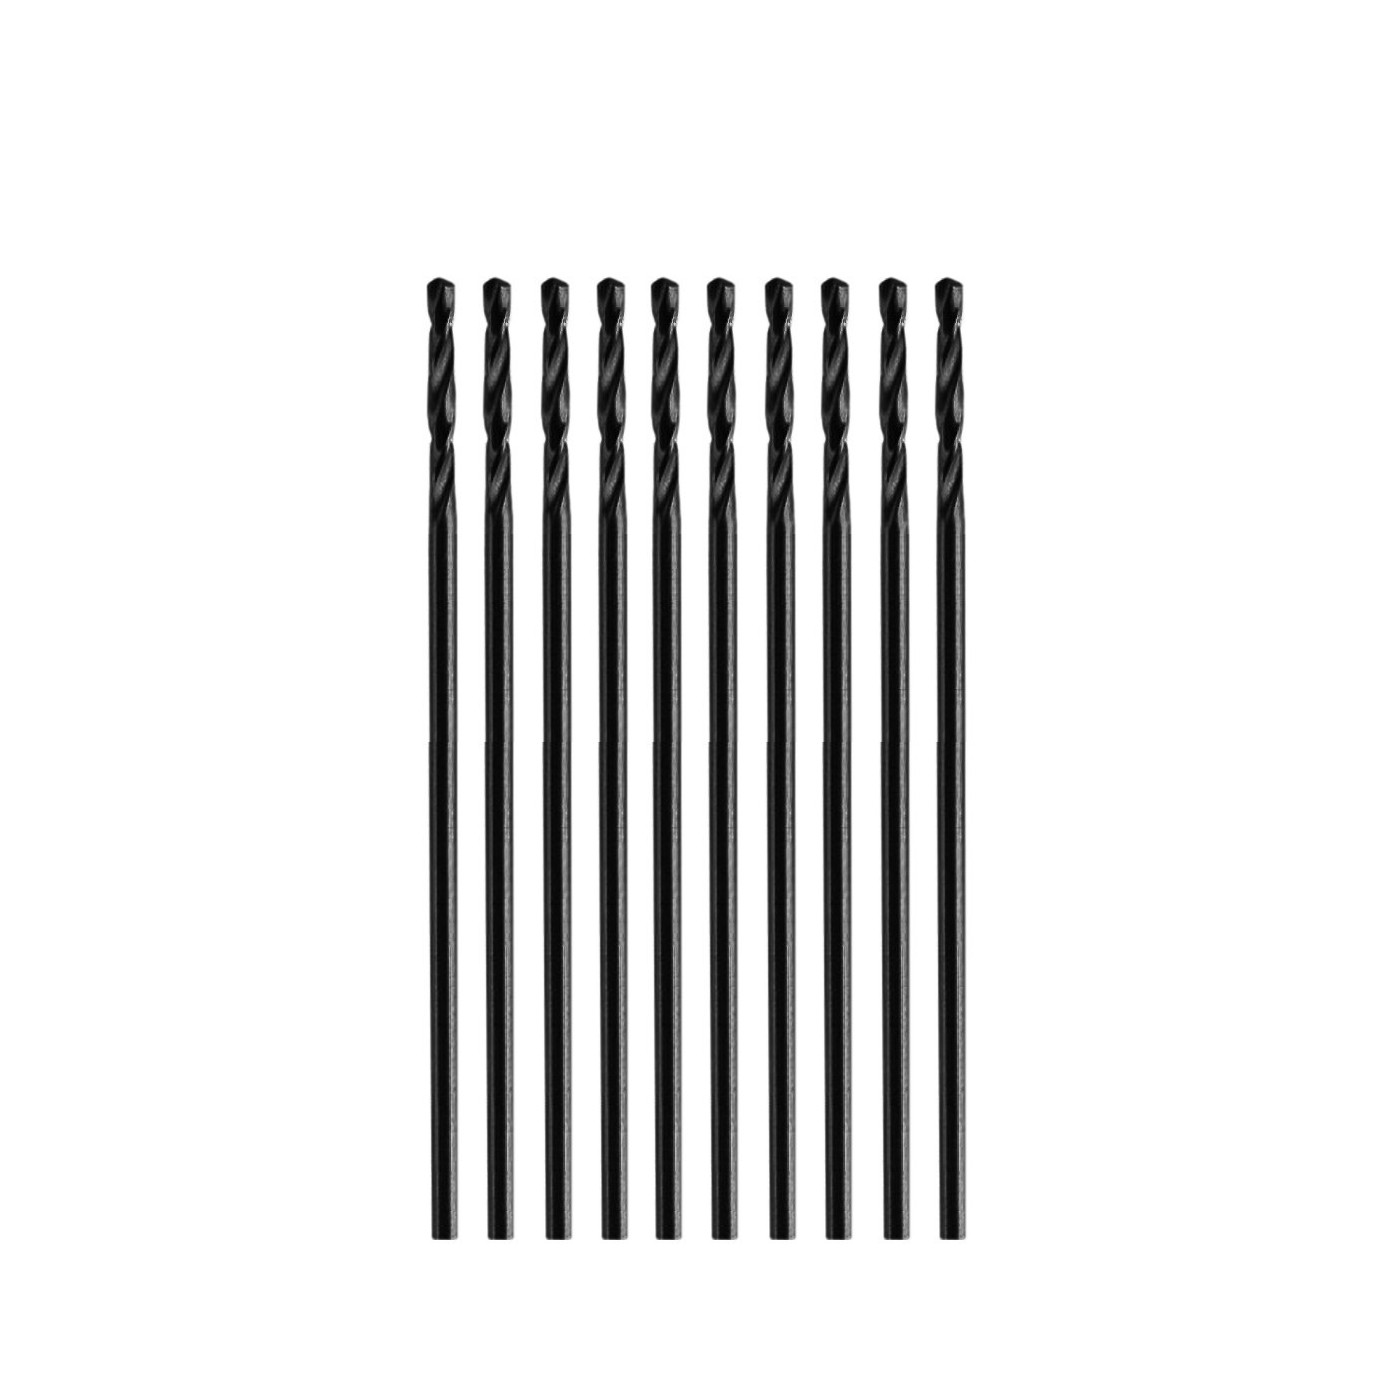 Set of 10 small metal drill bits (0.5x20 mm, HSS)  - 1